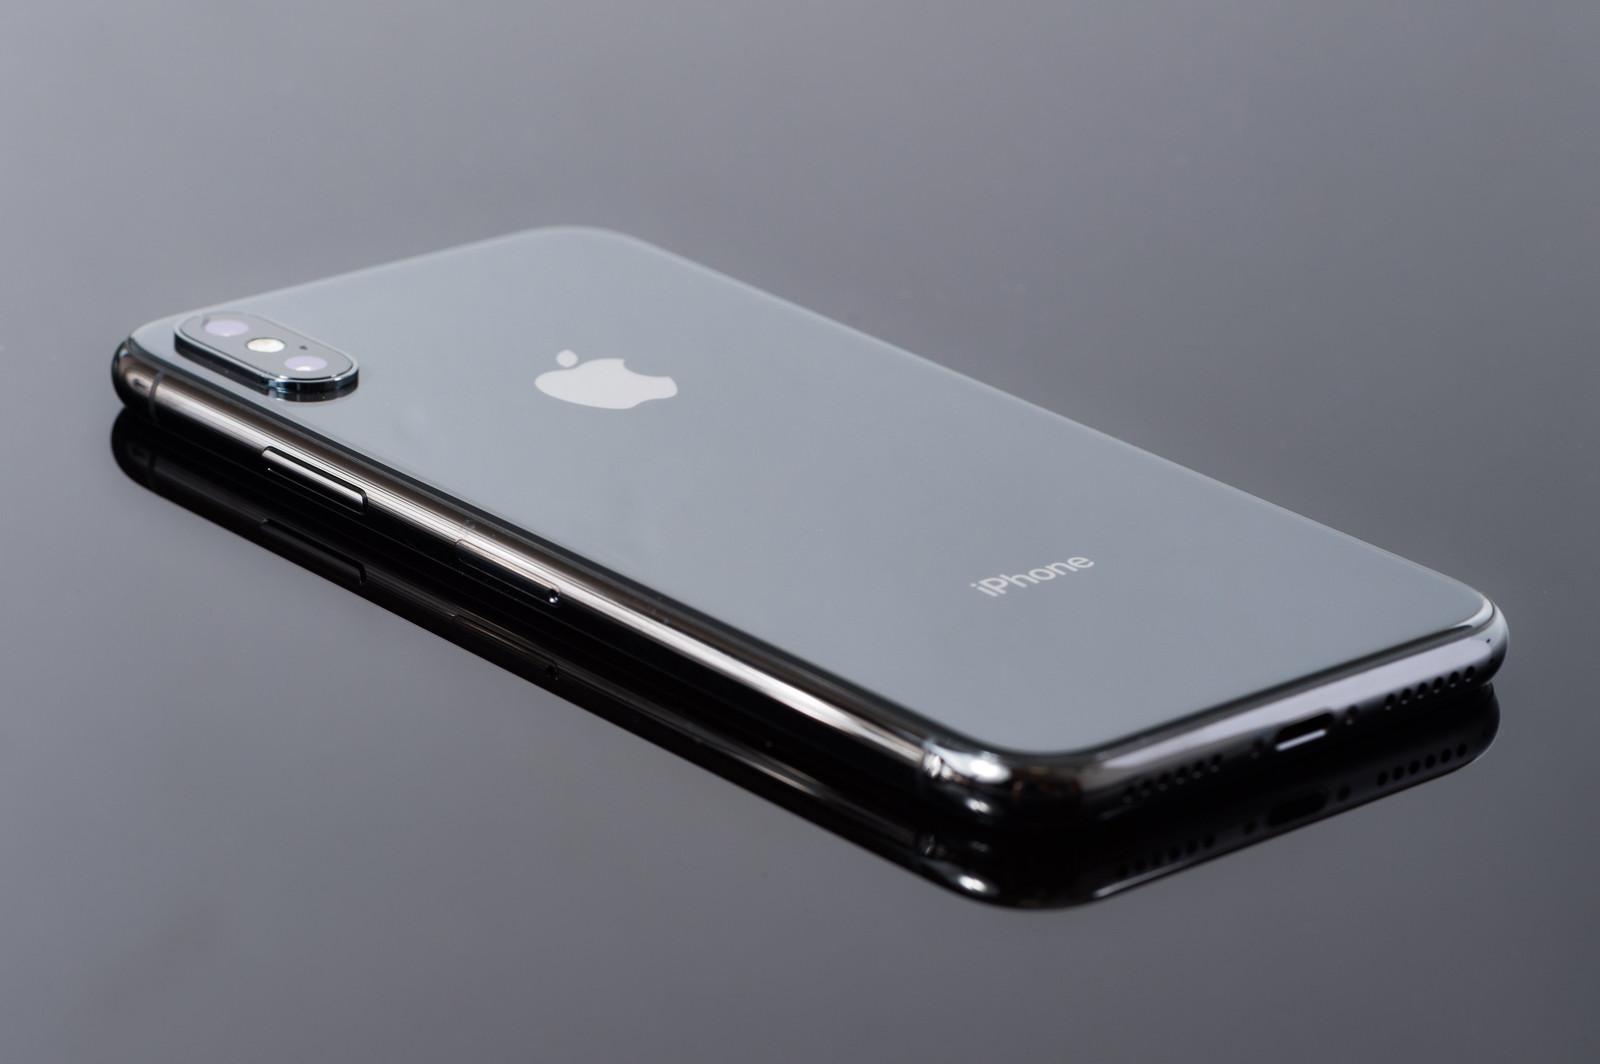 iPhoneXっておすすめ?auで購入するとほかよりお得になる?